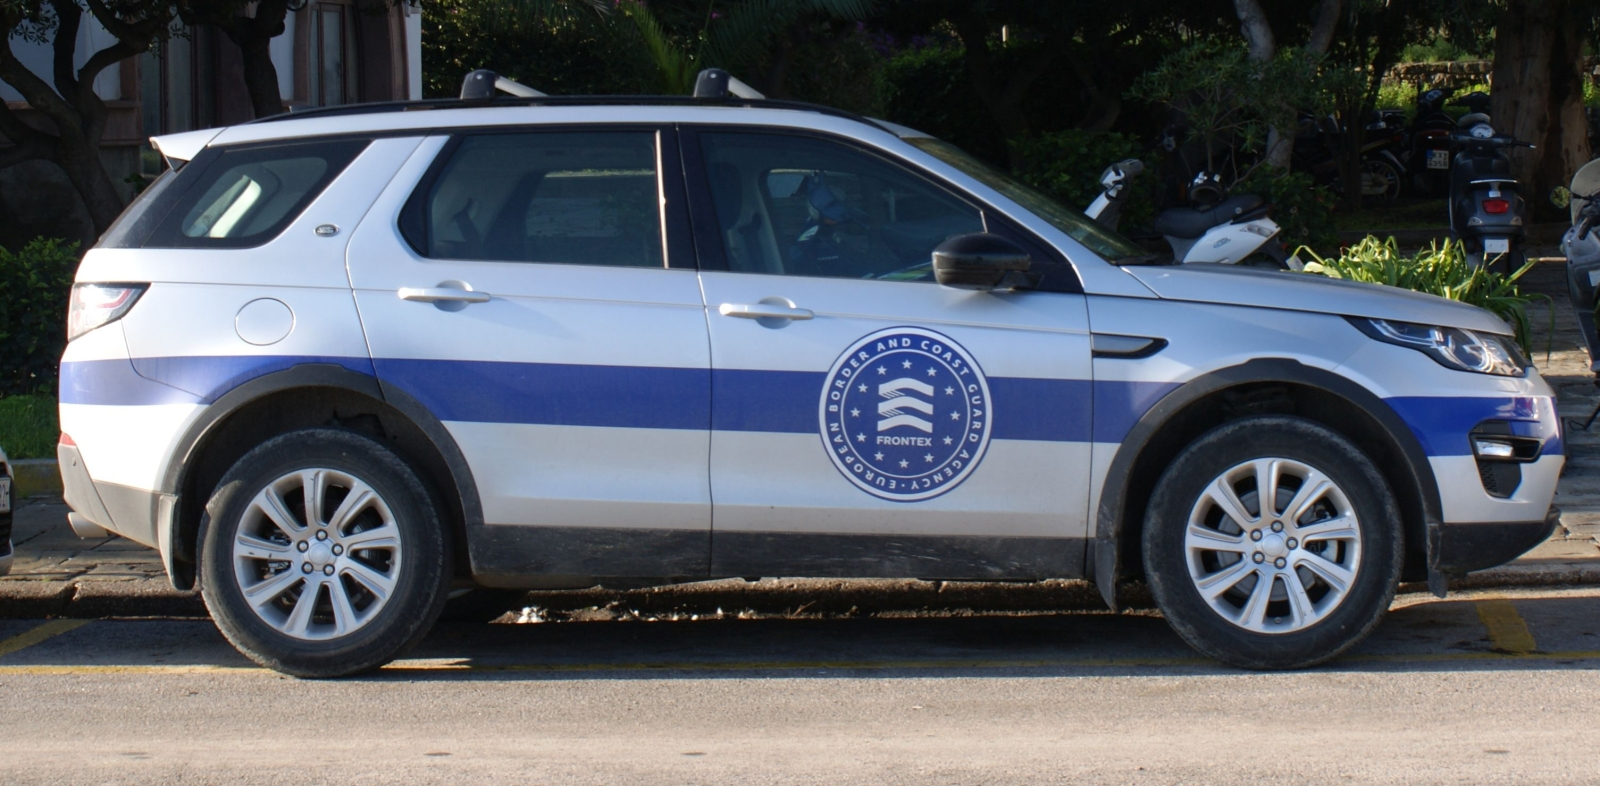 Patruljebil fra grensevaktstyrken på øya Kos, Hellas.